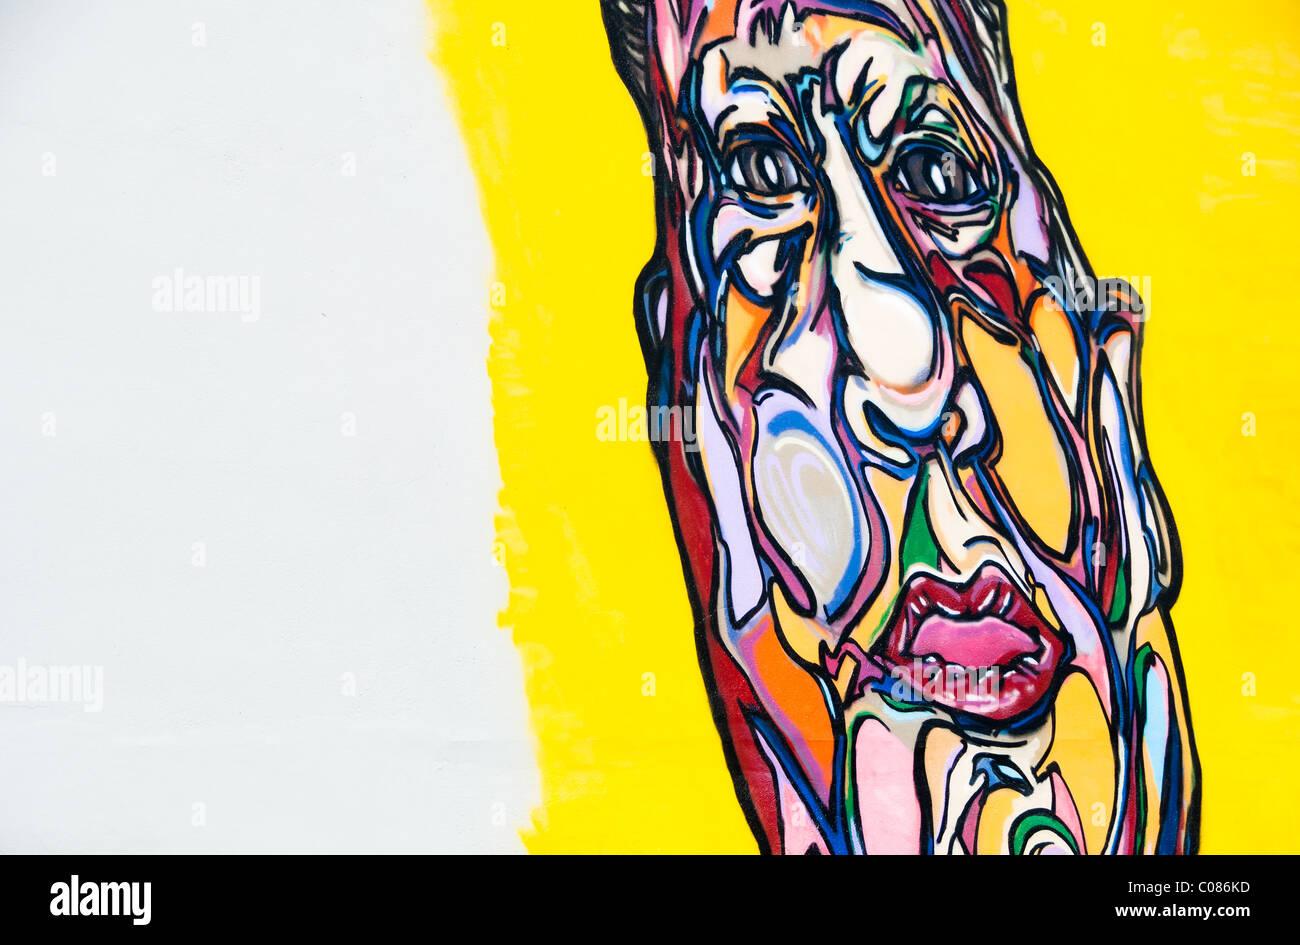 Face In Wall Graffiti Artwork Stock Photos & Face In Wall Graffiti ...